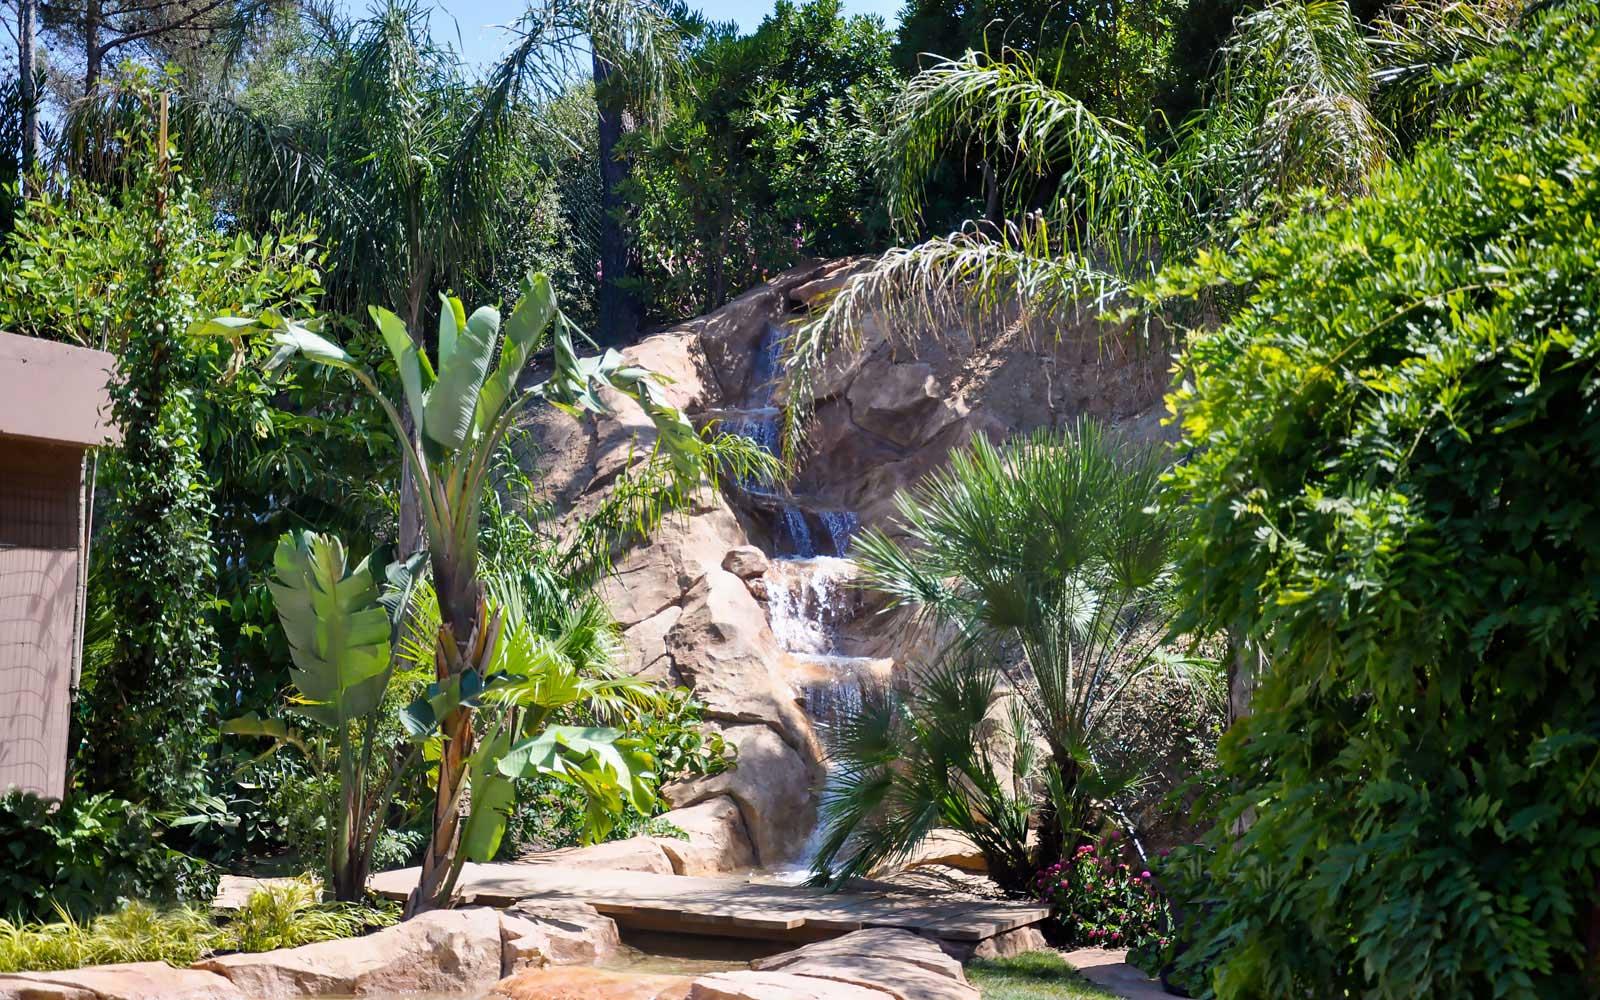 Waterfall in artificial rocks